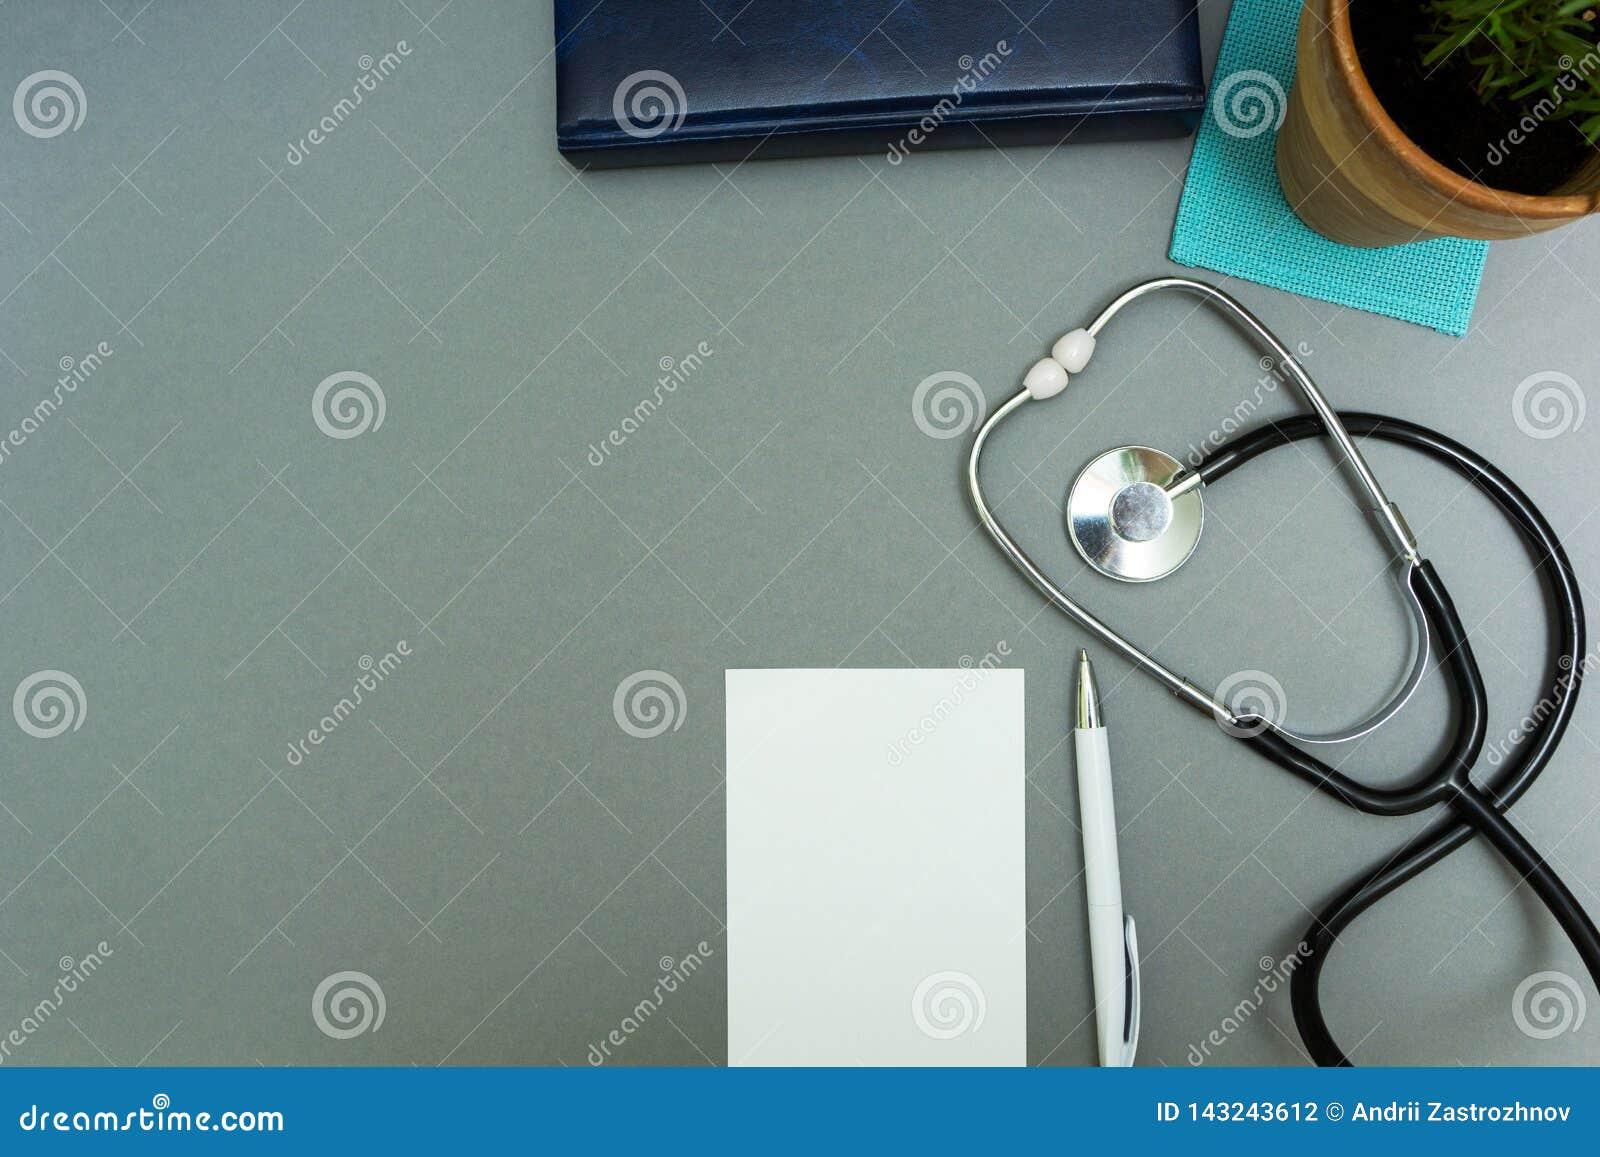 Ο εργασιακός χώρος του γιατρού Σημειωματάριο με τη μάνδρα, το στηθοσκόπιο και flowerpot σε ένα γκρίζο υπόβαθρο